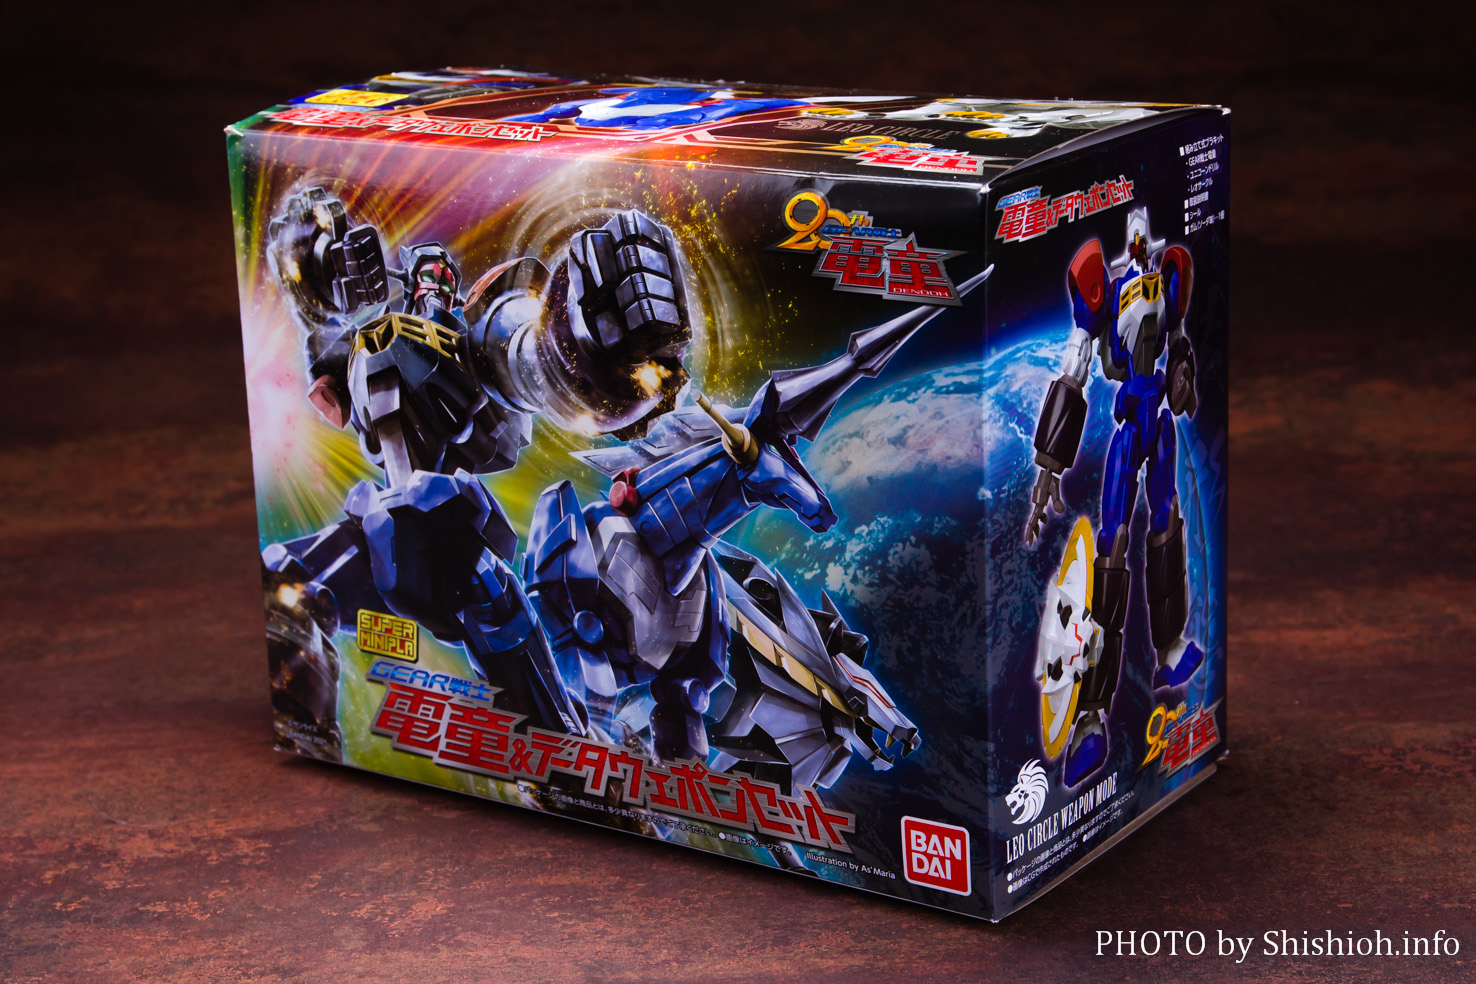 スーパーミニプラ GEAR戦士電童 電童&データウェポンセット パート1